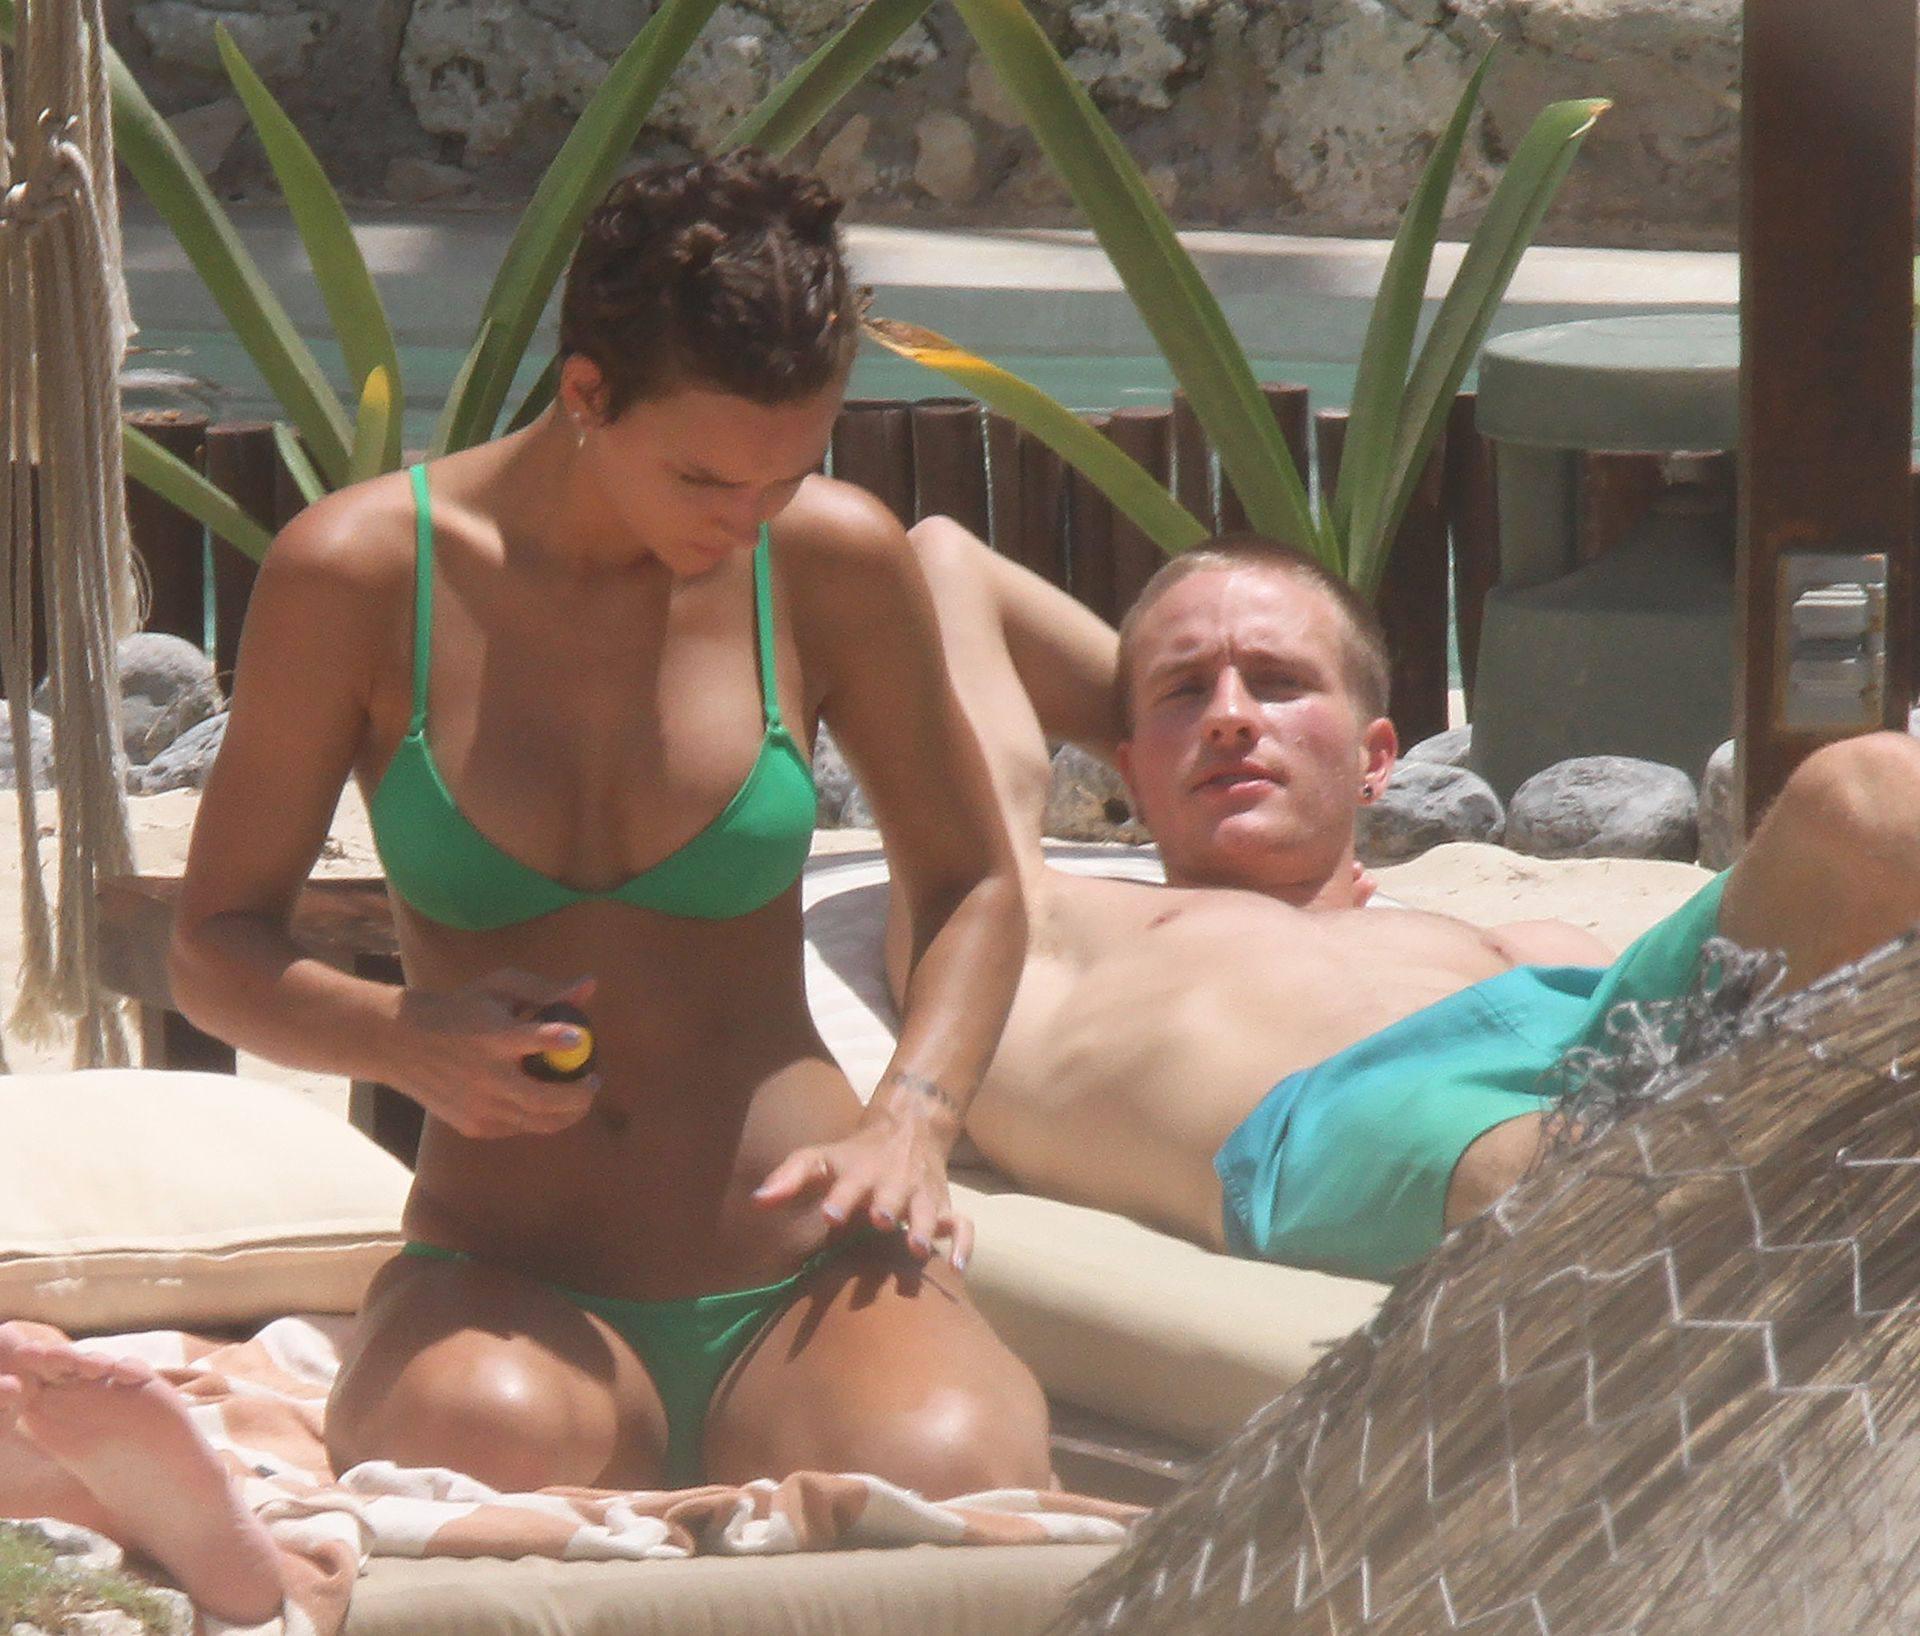 Rachel Cook – Sexy Ass And Boobs In Small Bikini In Tulum 0020